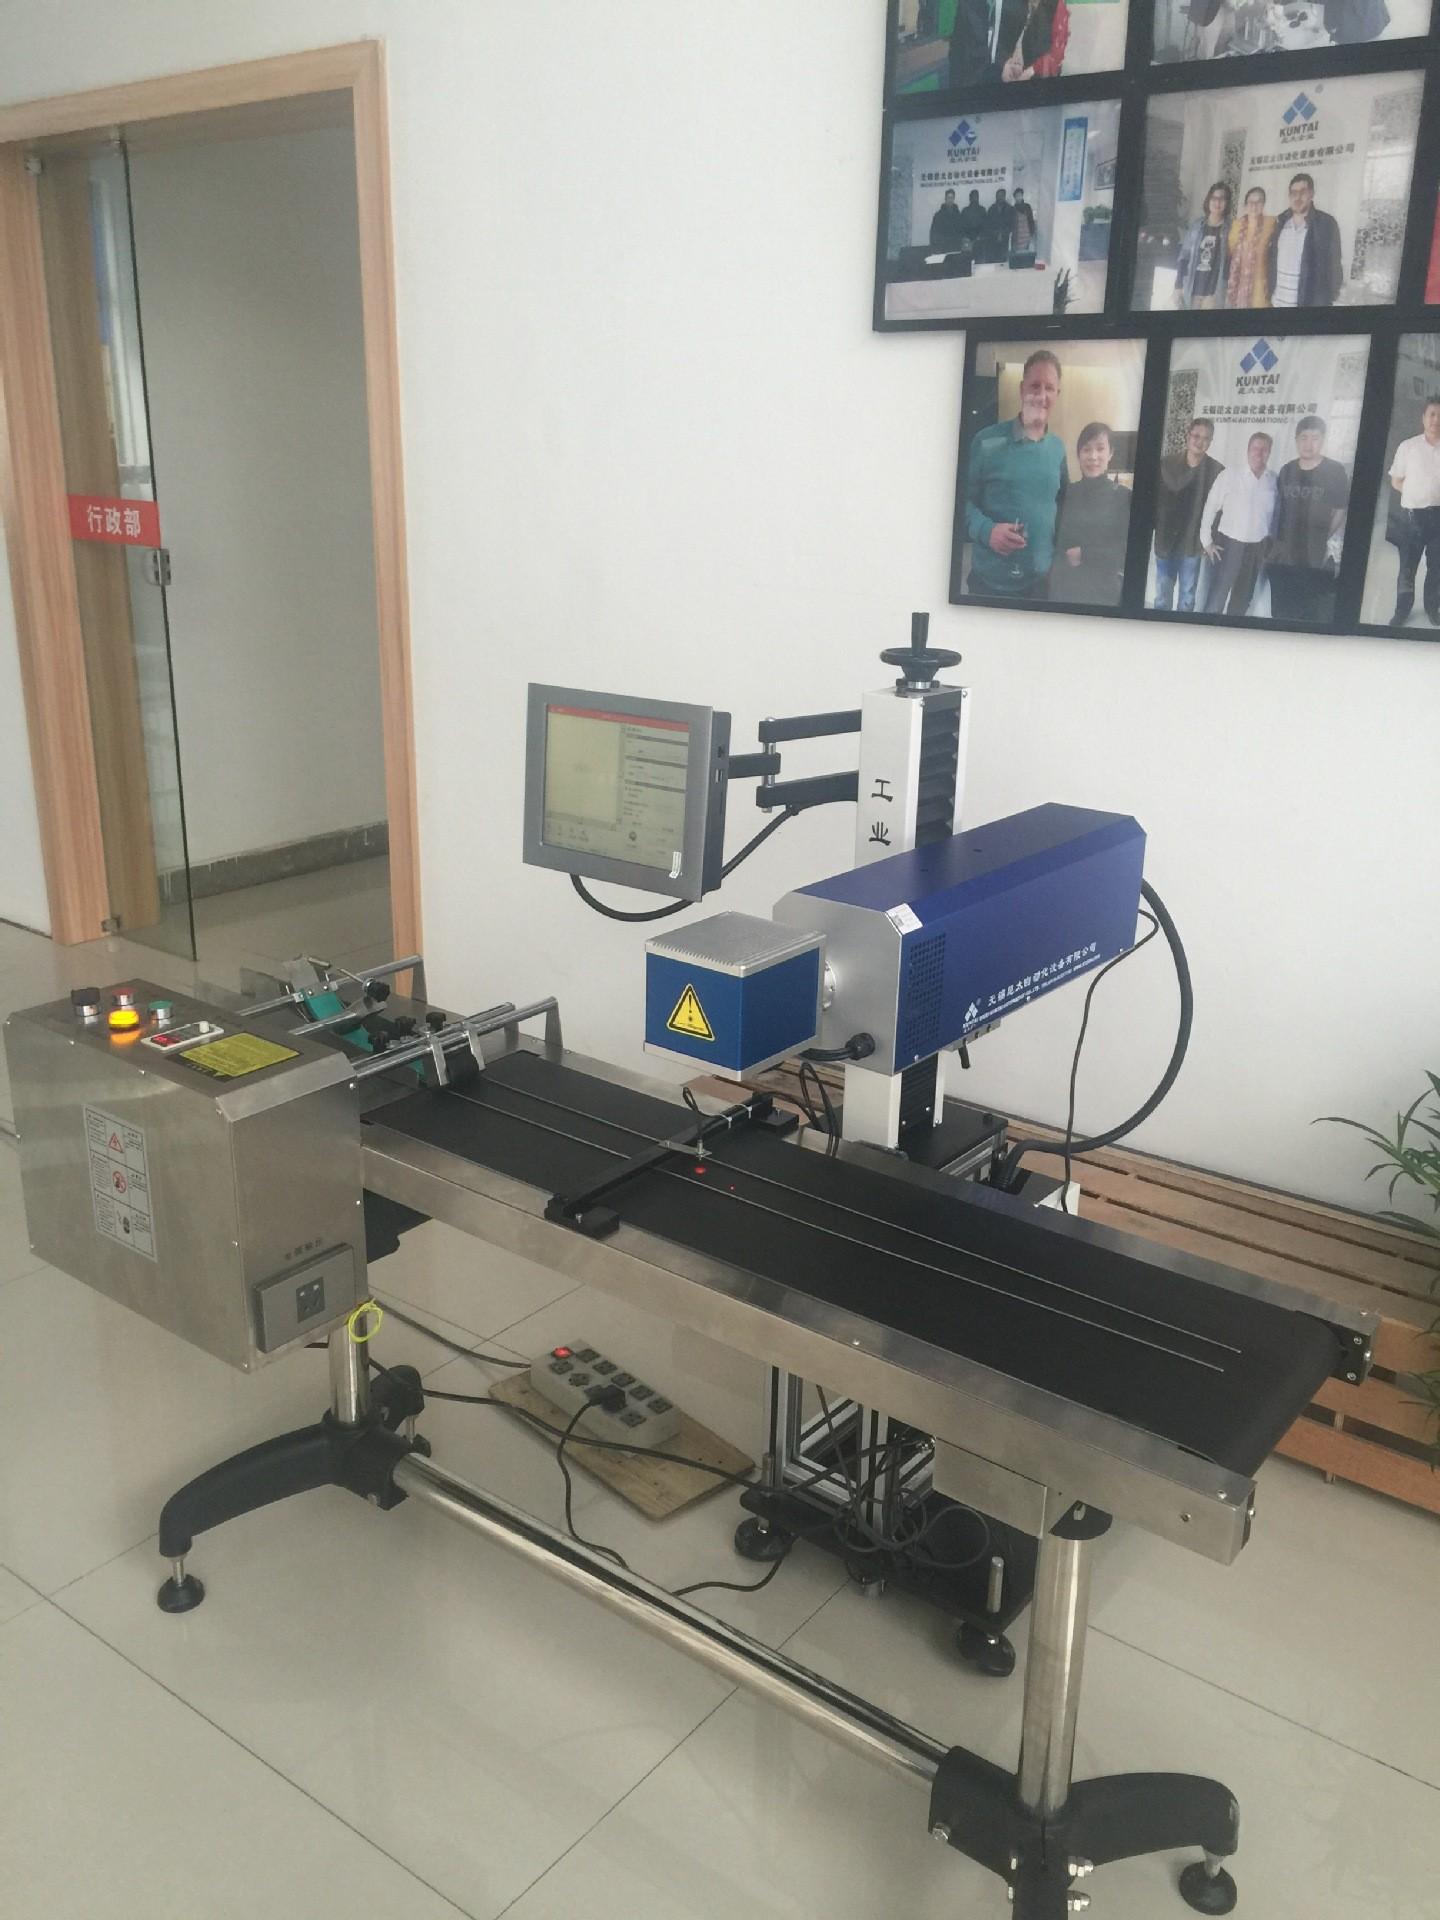 激光喷码机(分页喷码)自动激光打码机昆山无锡太仓上海厂家直销